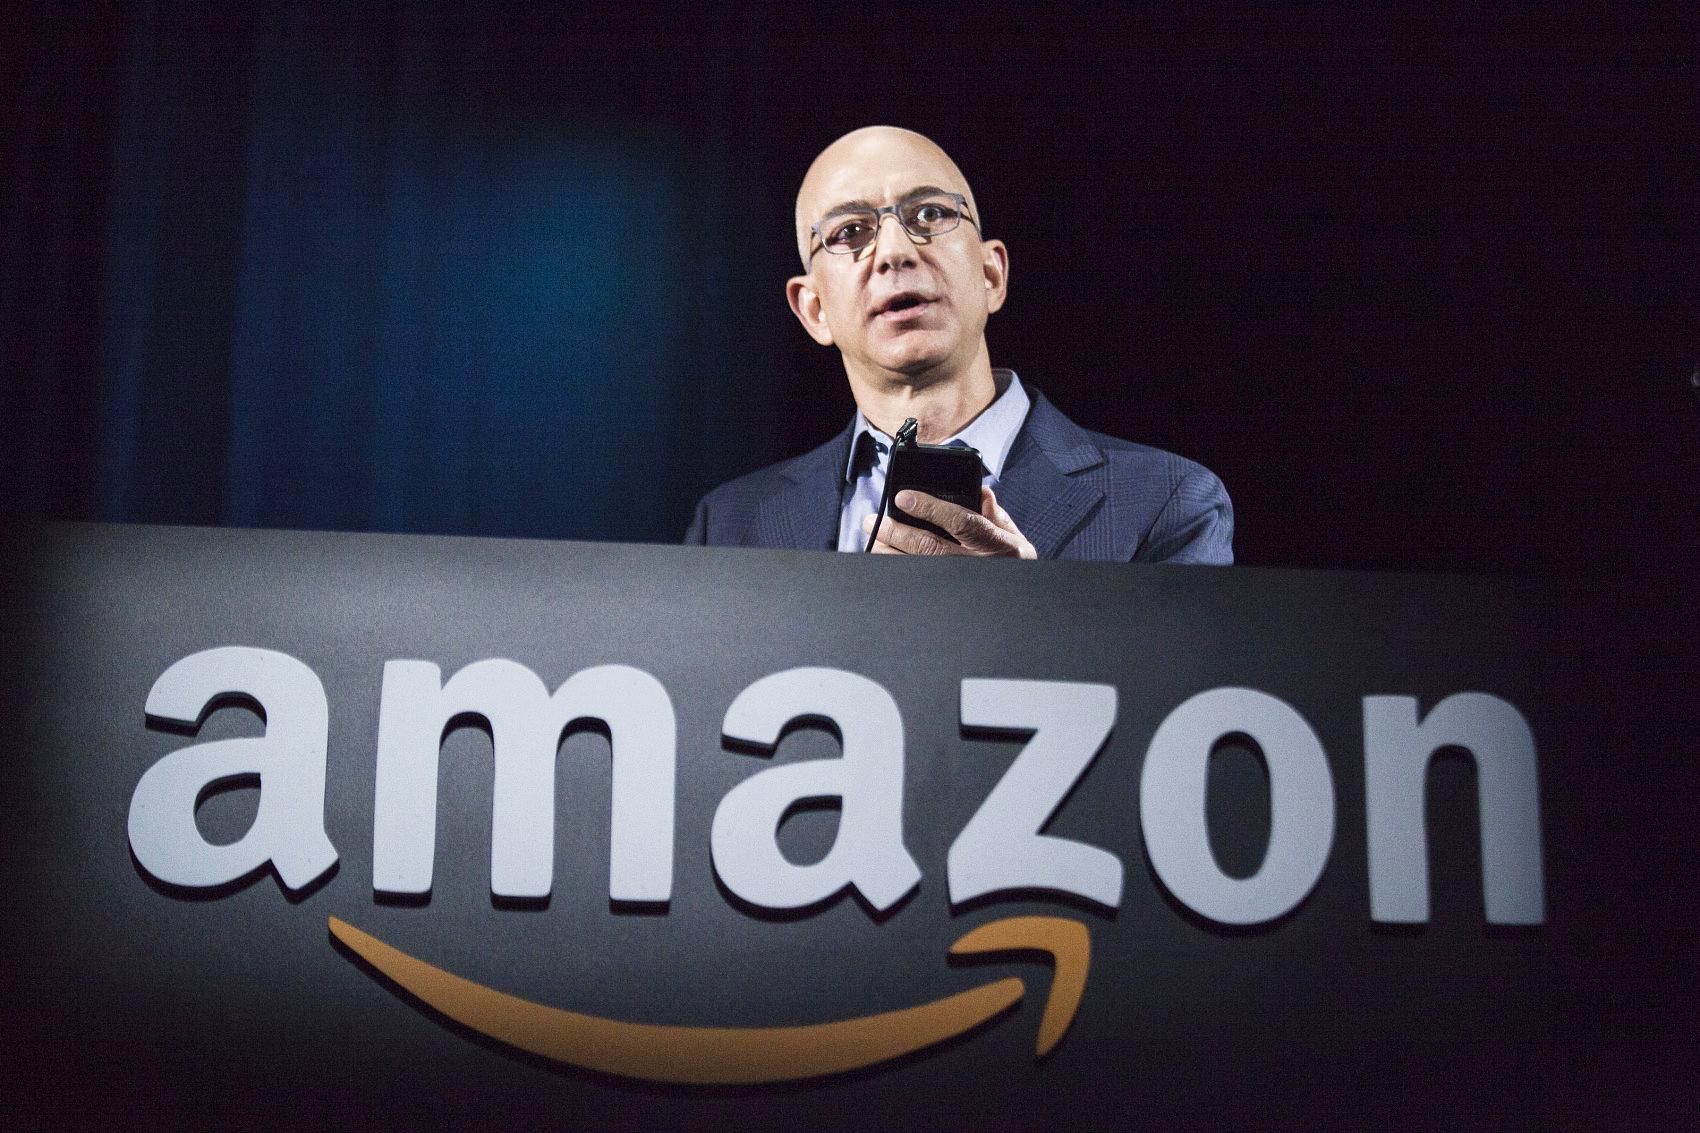 美国400富豪榜出炉,首富还是他!Zoom创始人首次入榜,特朗普财富缩水19%,快跌出榜单...